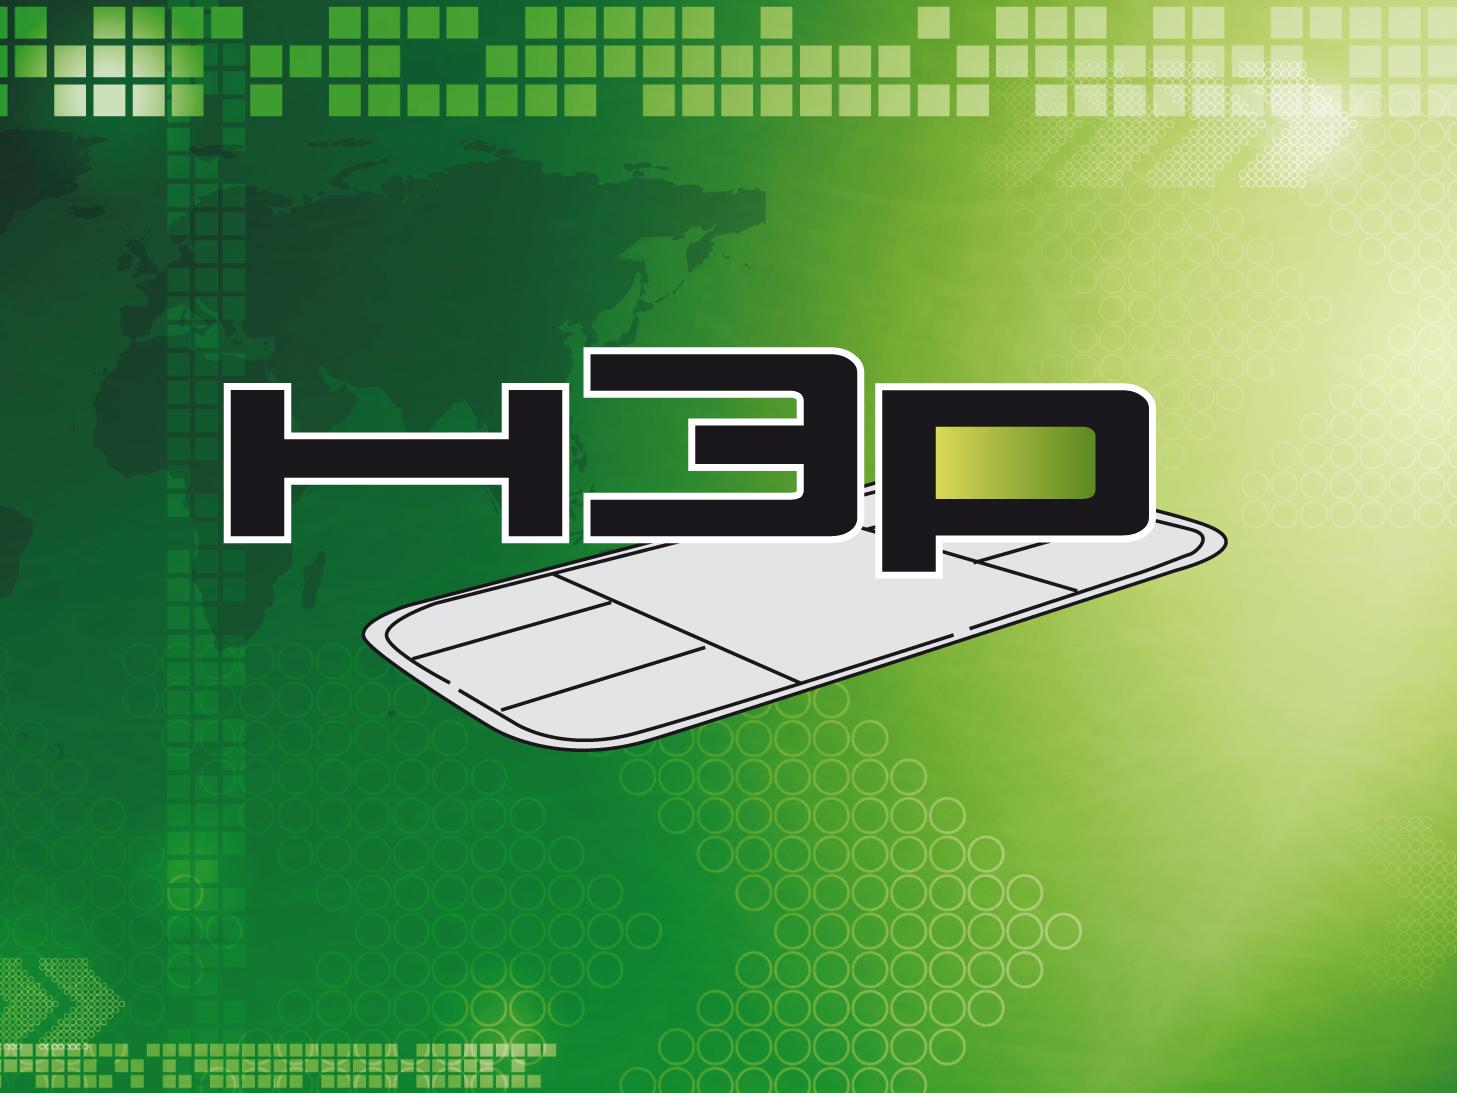 h3p-chip